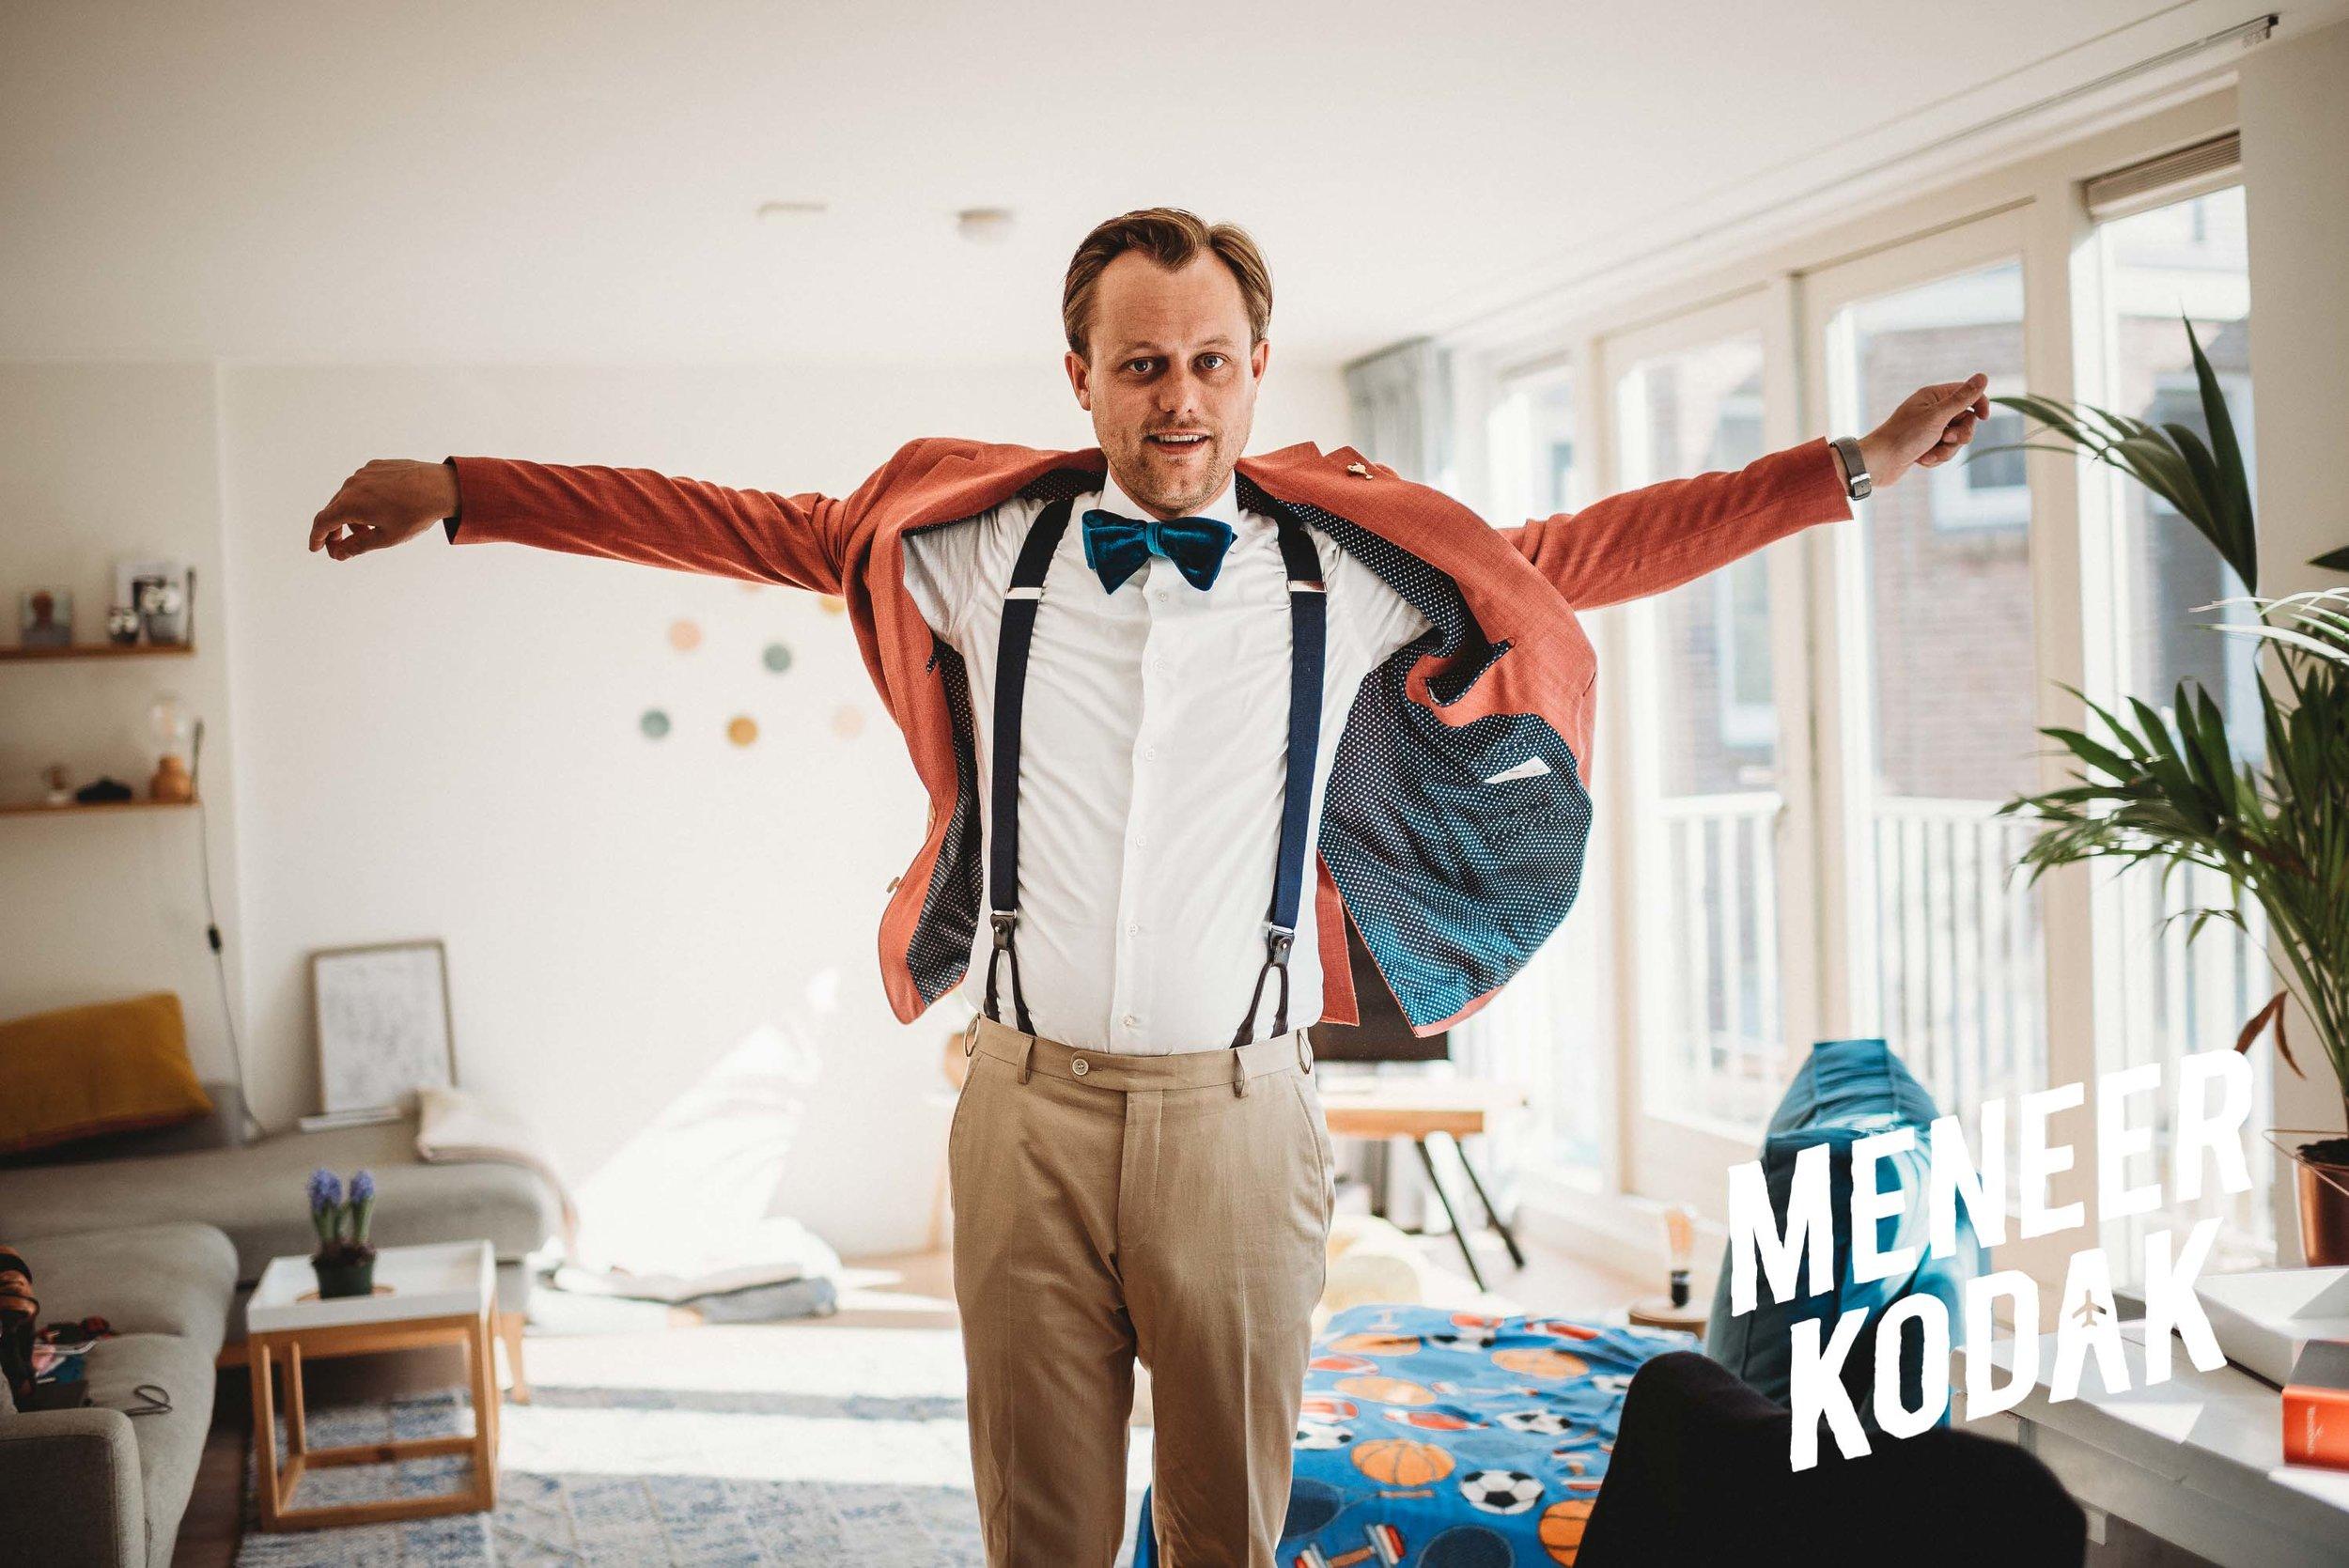 Meneer Kodak - Bruidsfotograaf - Amsterdam - M&J-005.jpg